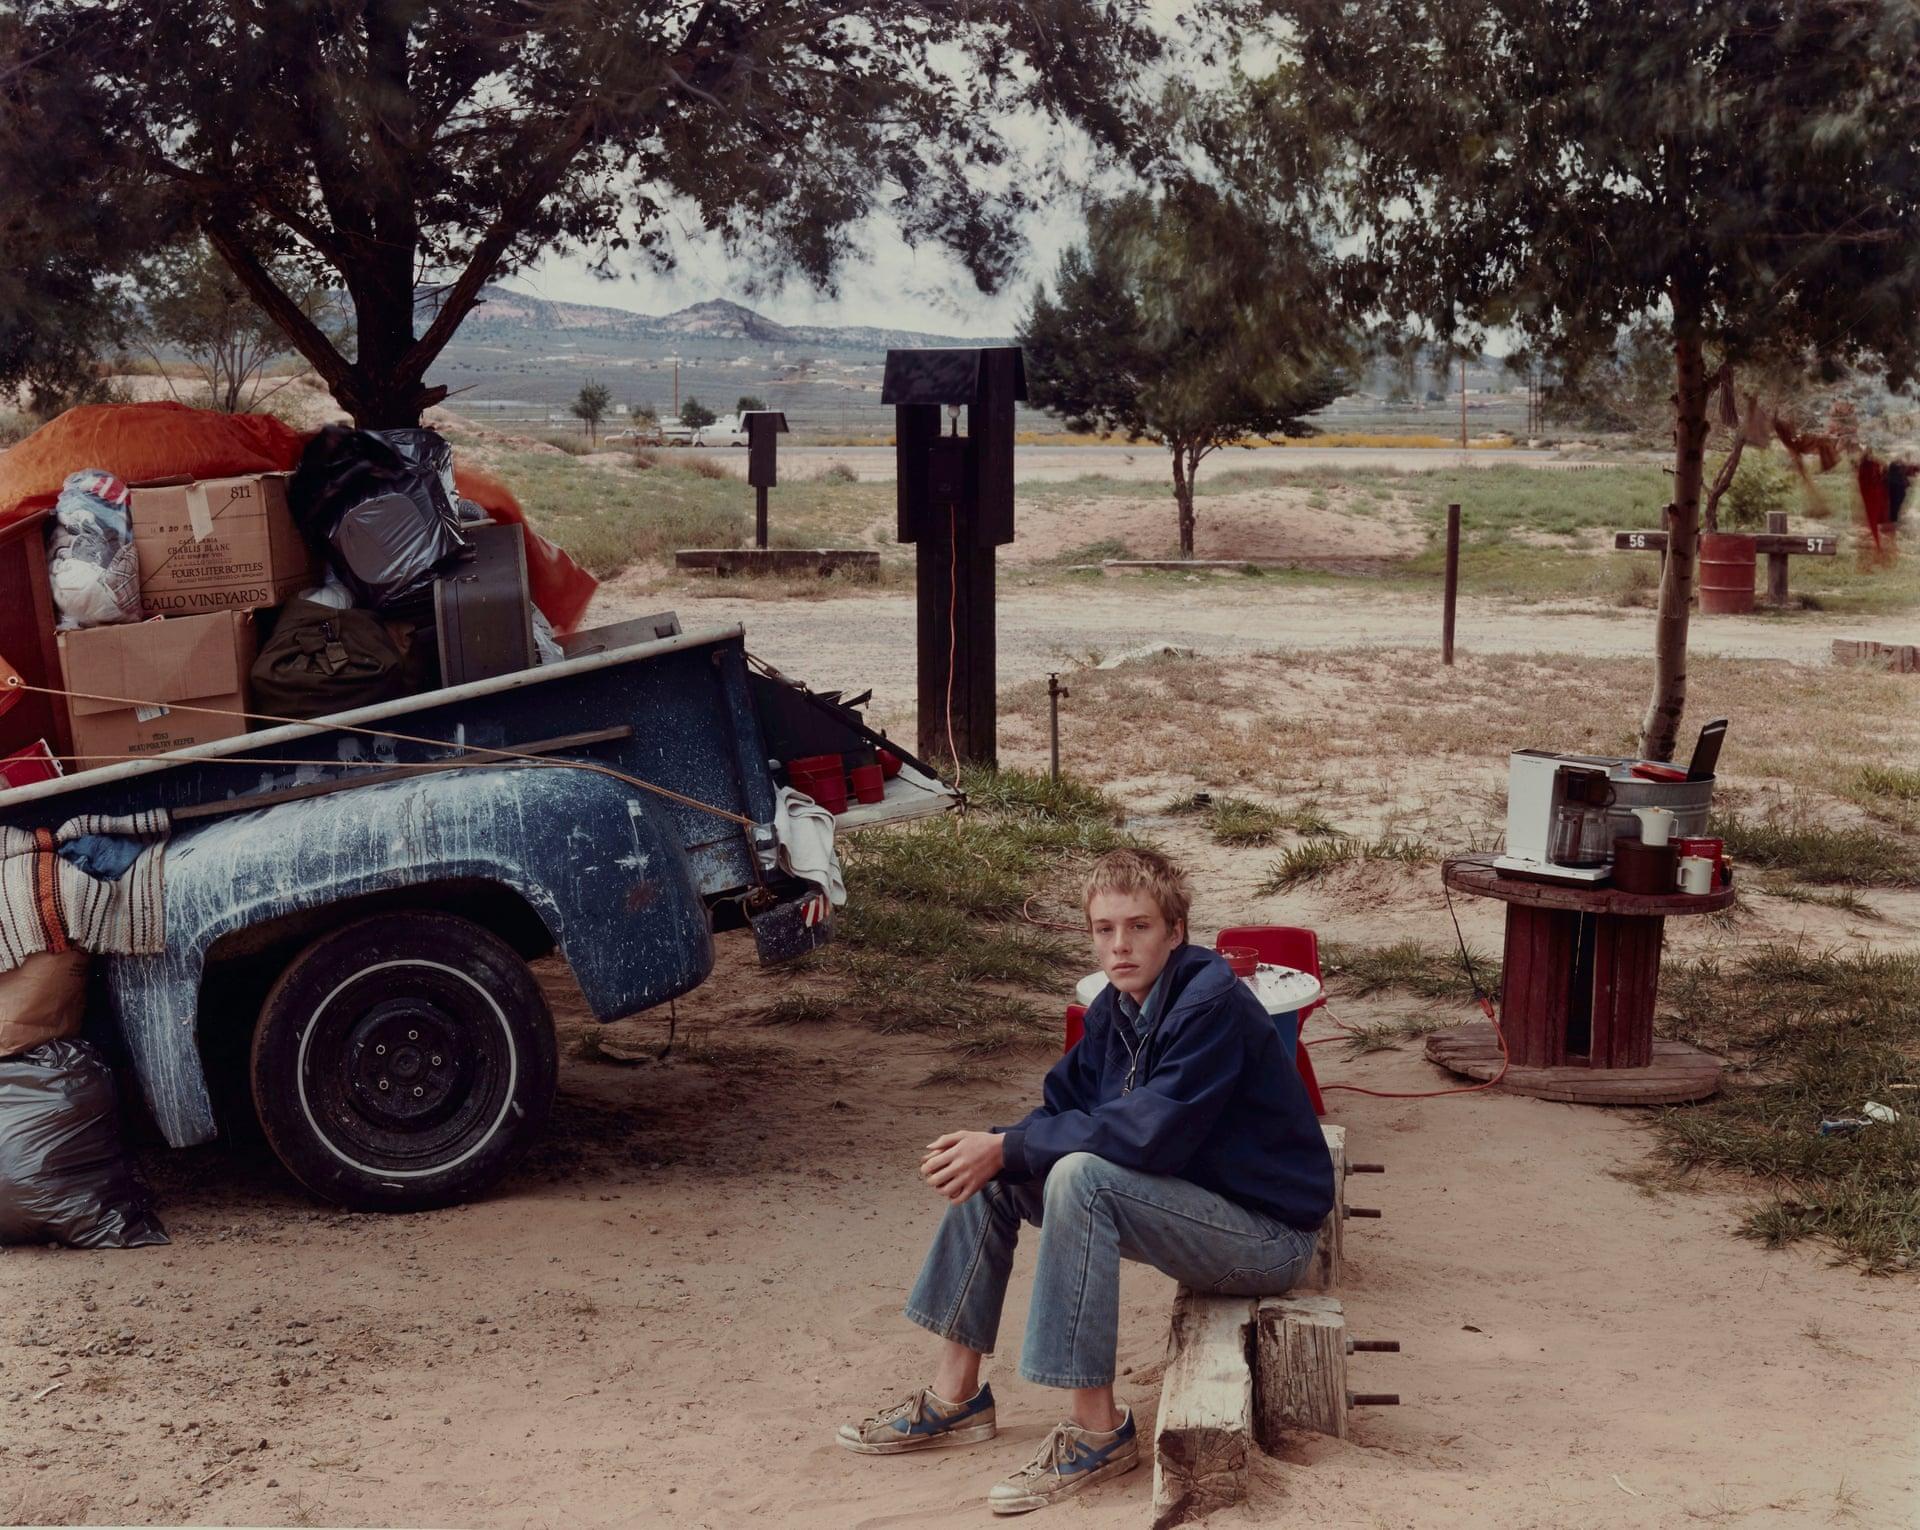 Red Rock State Campground, Gallup, New Mexico, 1982, fotografia di Joel Sternfeld